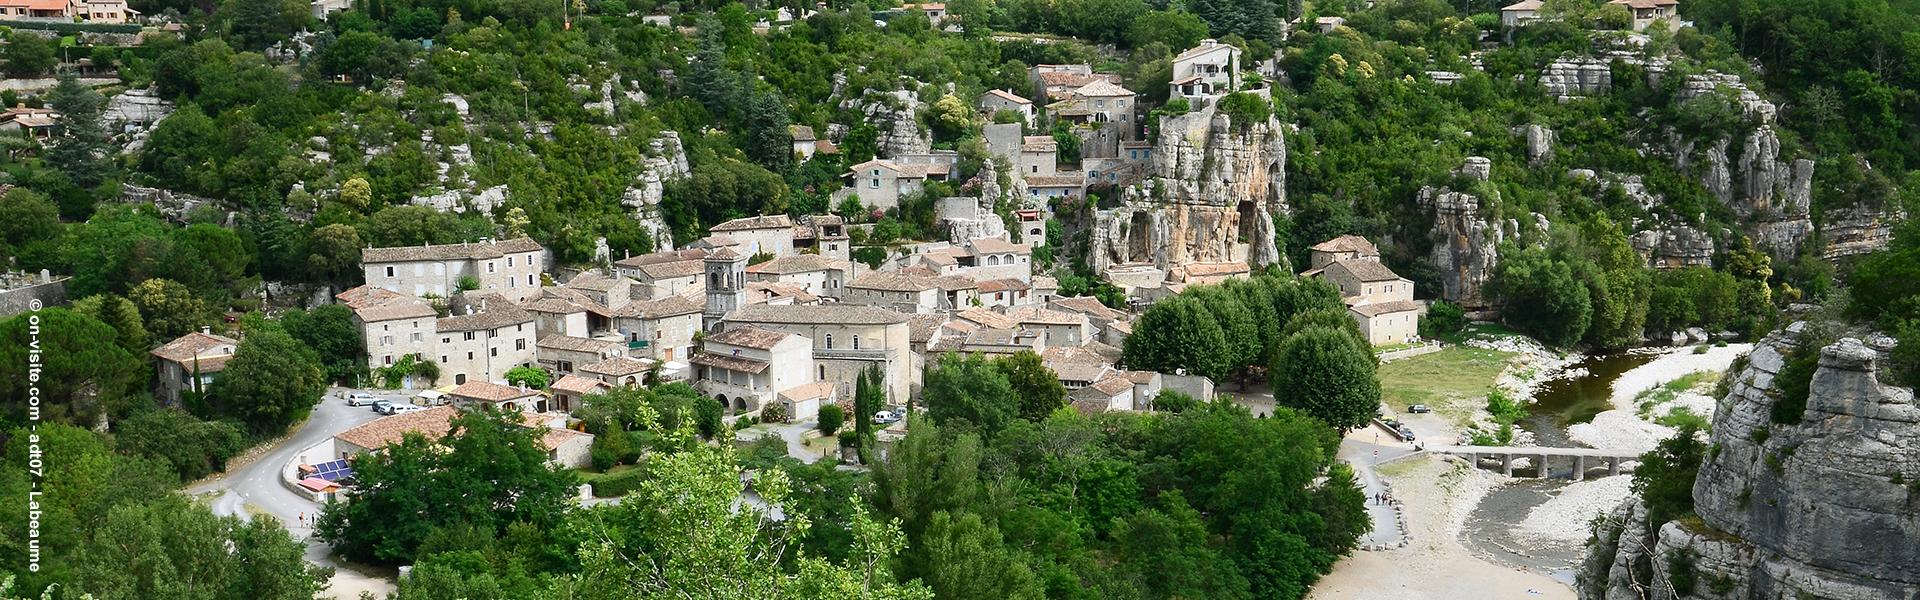 Promenade entre Piemont Cevenol et Cevenes Ardechoises On-visite.com-adt07-labeaume